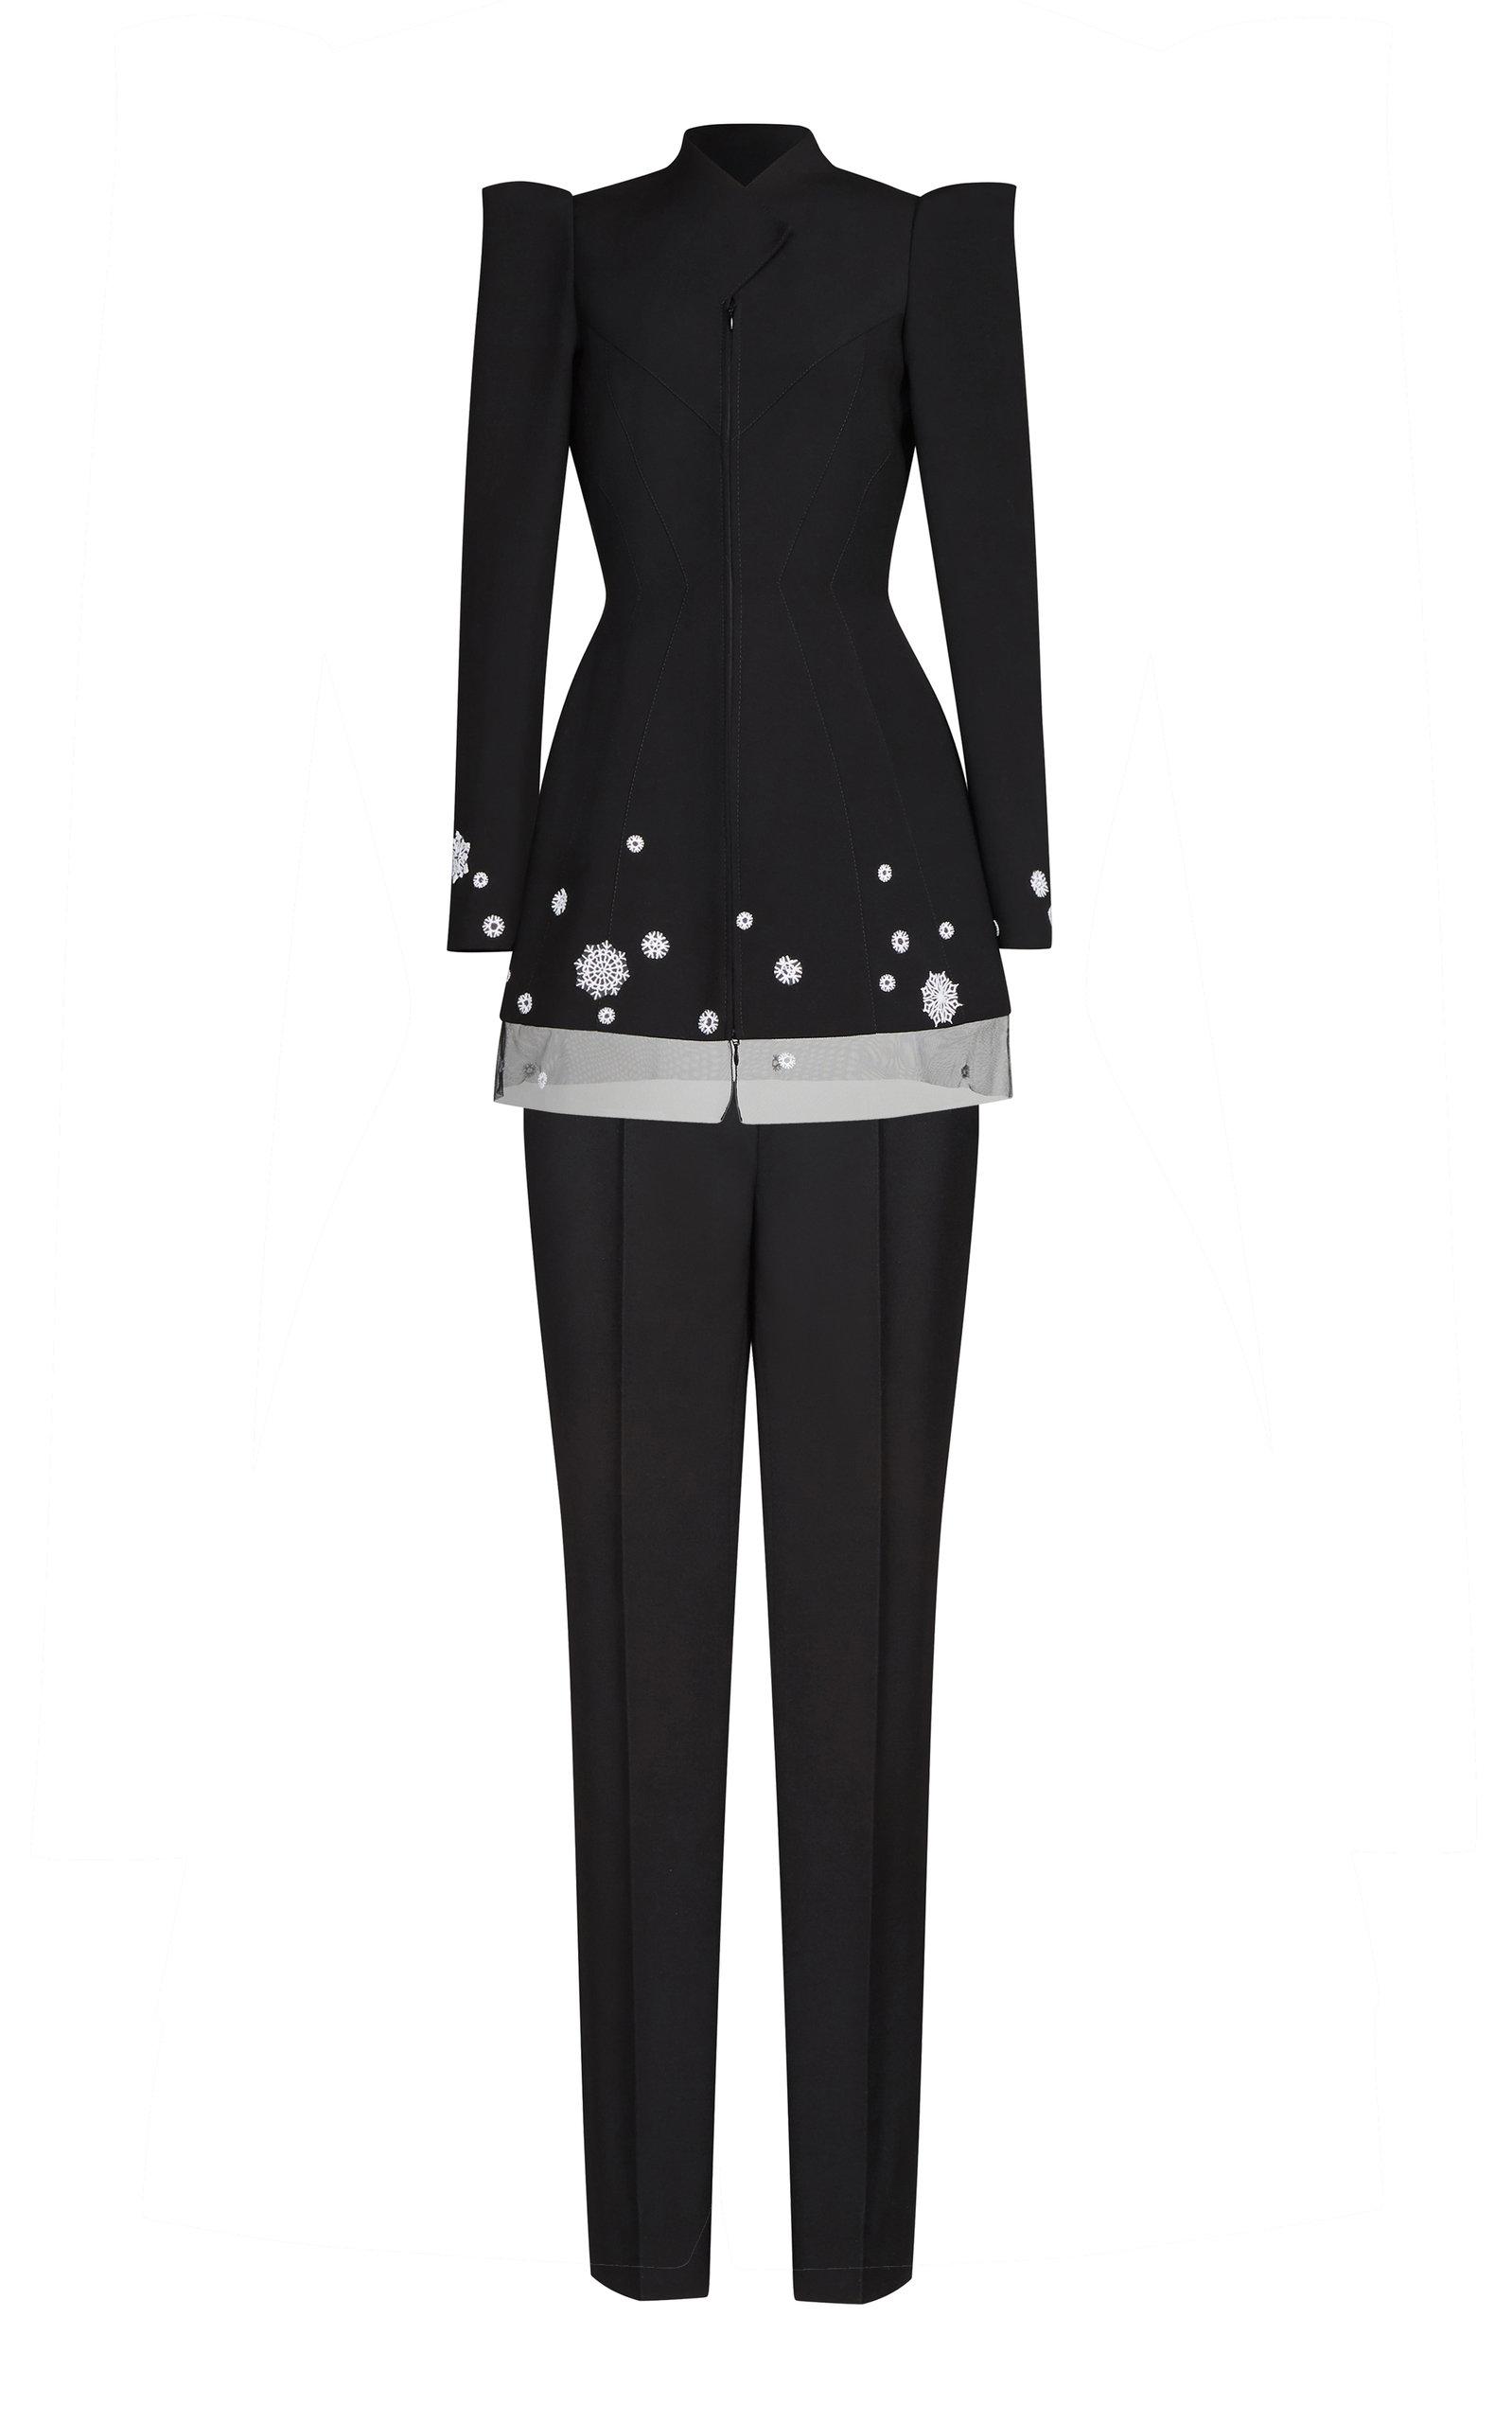 Wool Suit in Black